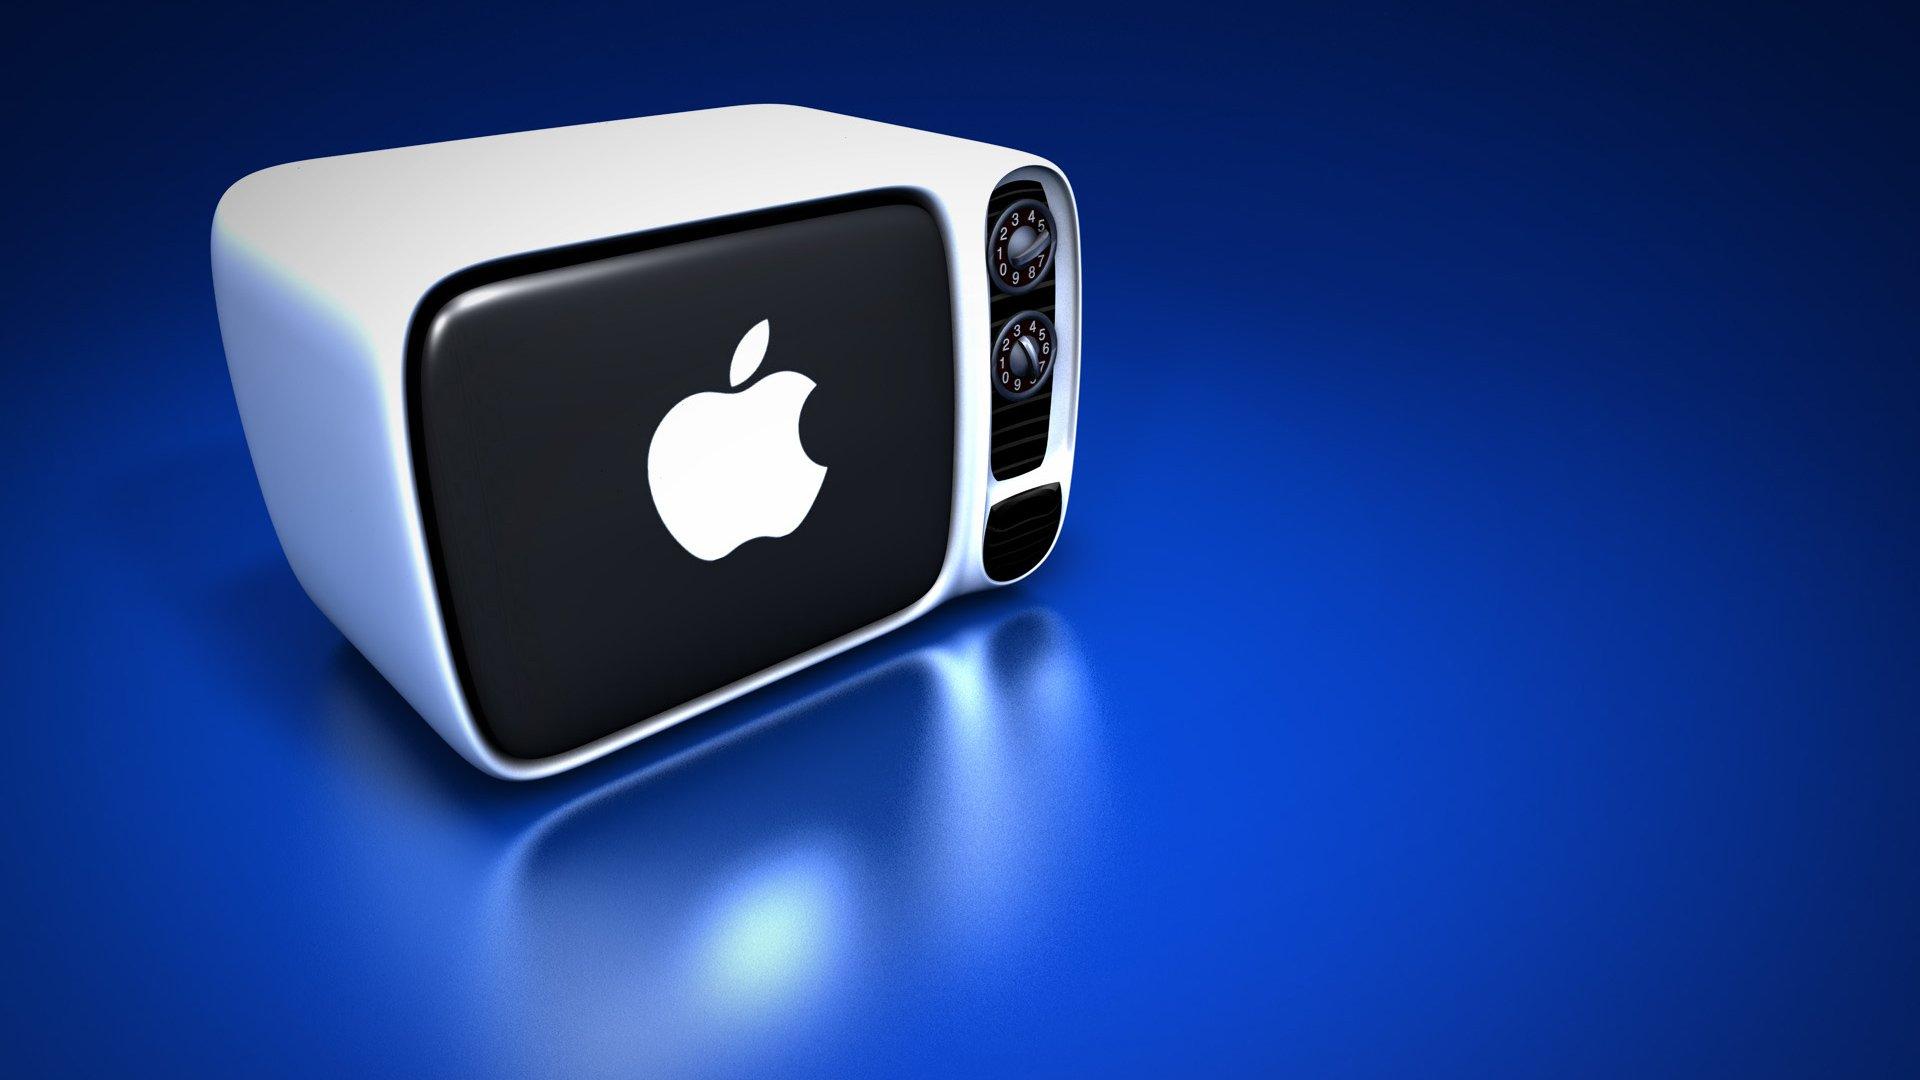 classic_apple_tv_20131025_1697919713